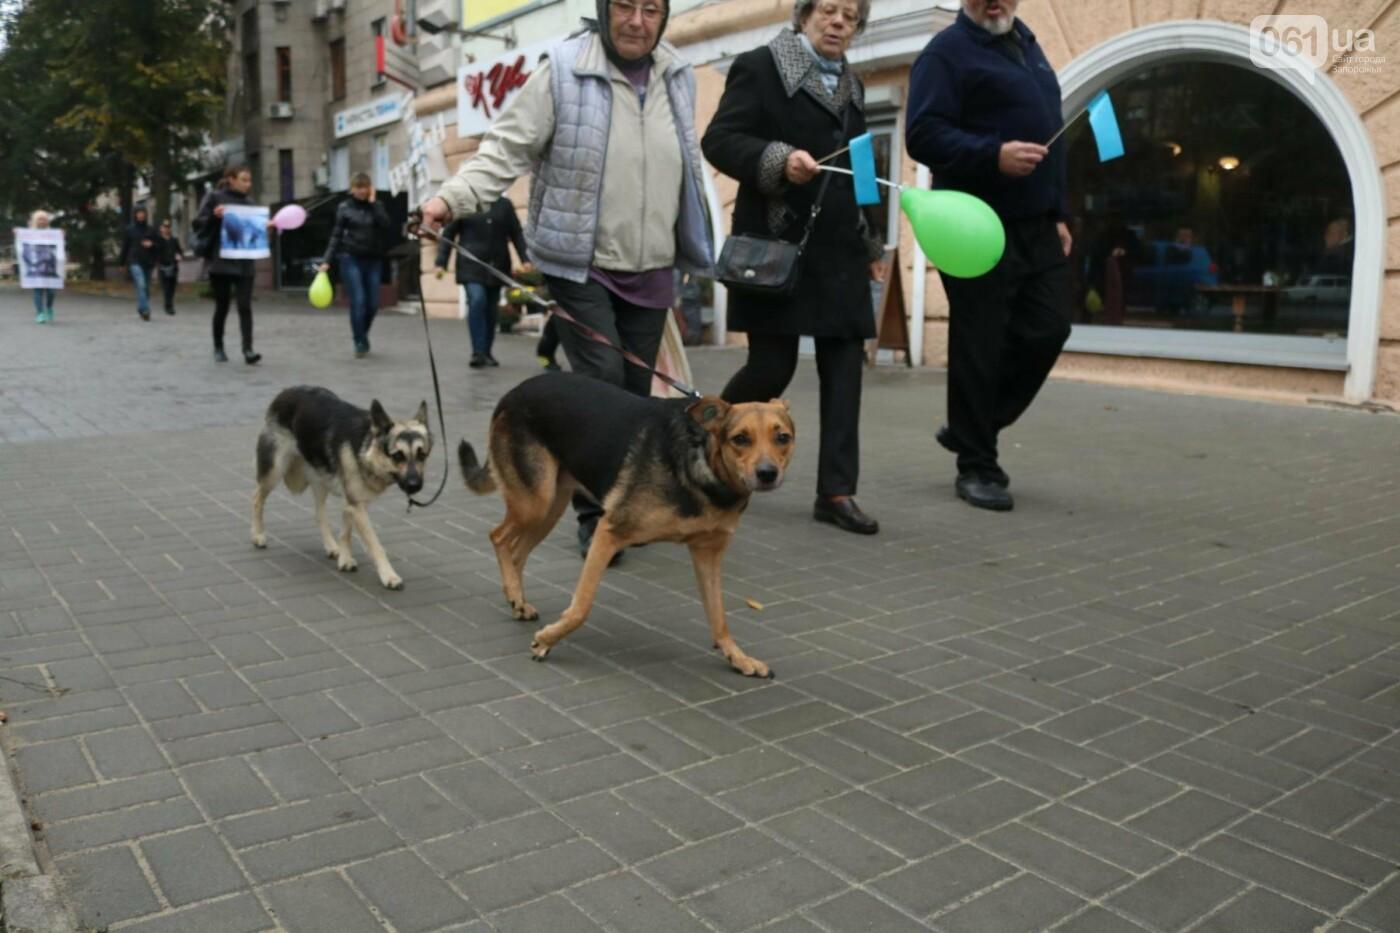 В Запорожье прошел марш за права животных, - ФОТОРЕПОРТАЖ, фото-27